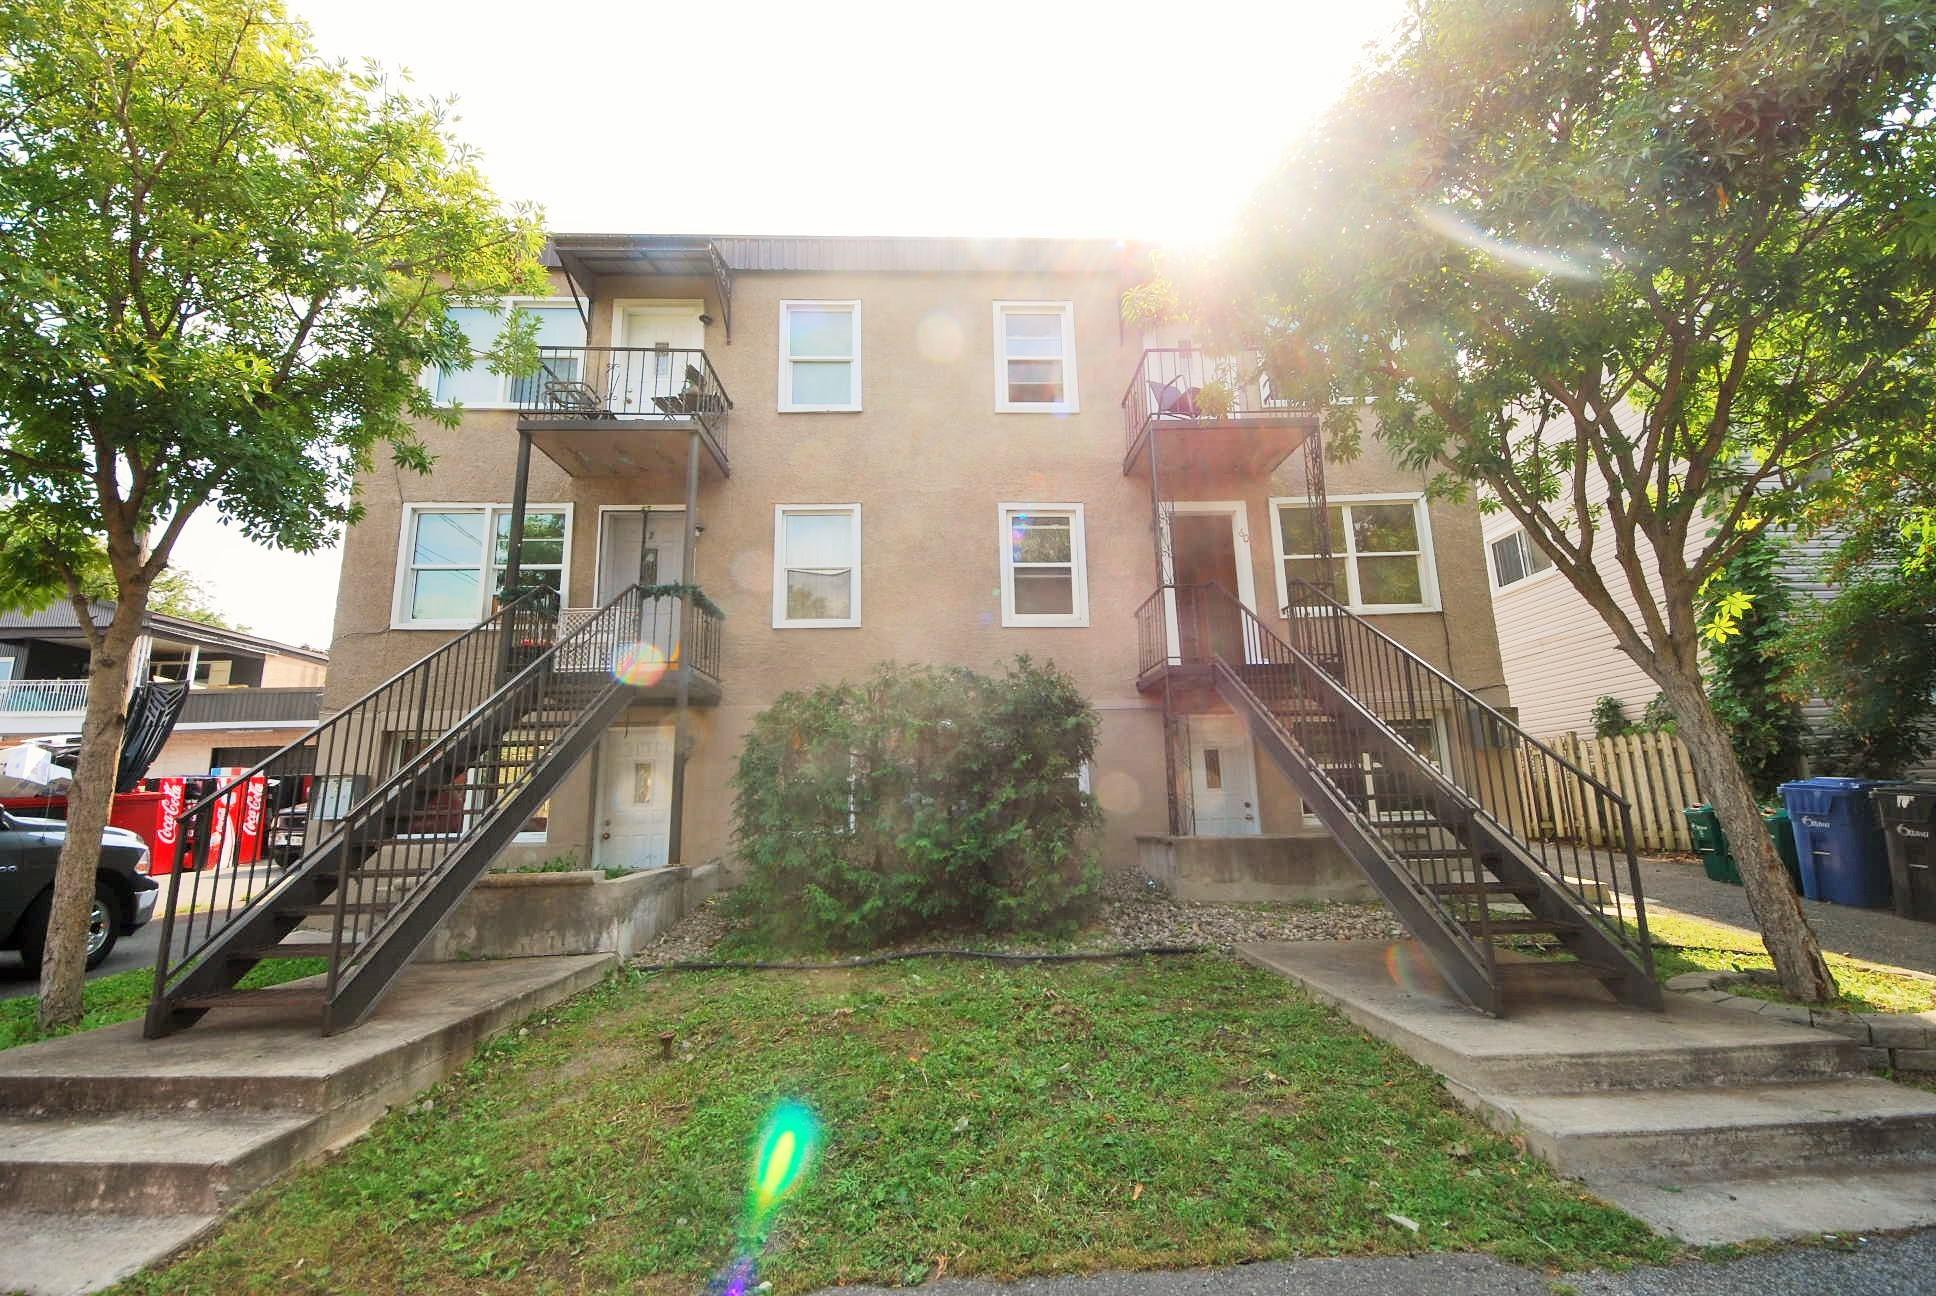 60 Ottawa 62 Ottawa On K1s 2 Bedroom Apartment For Rent For 990 Month Zumper